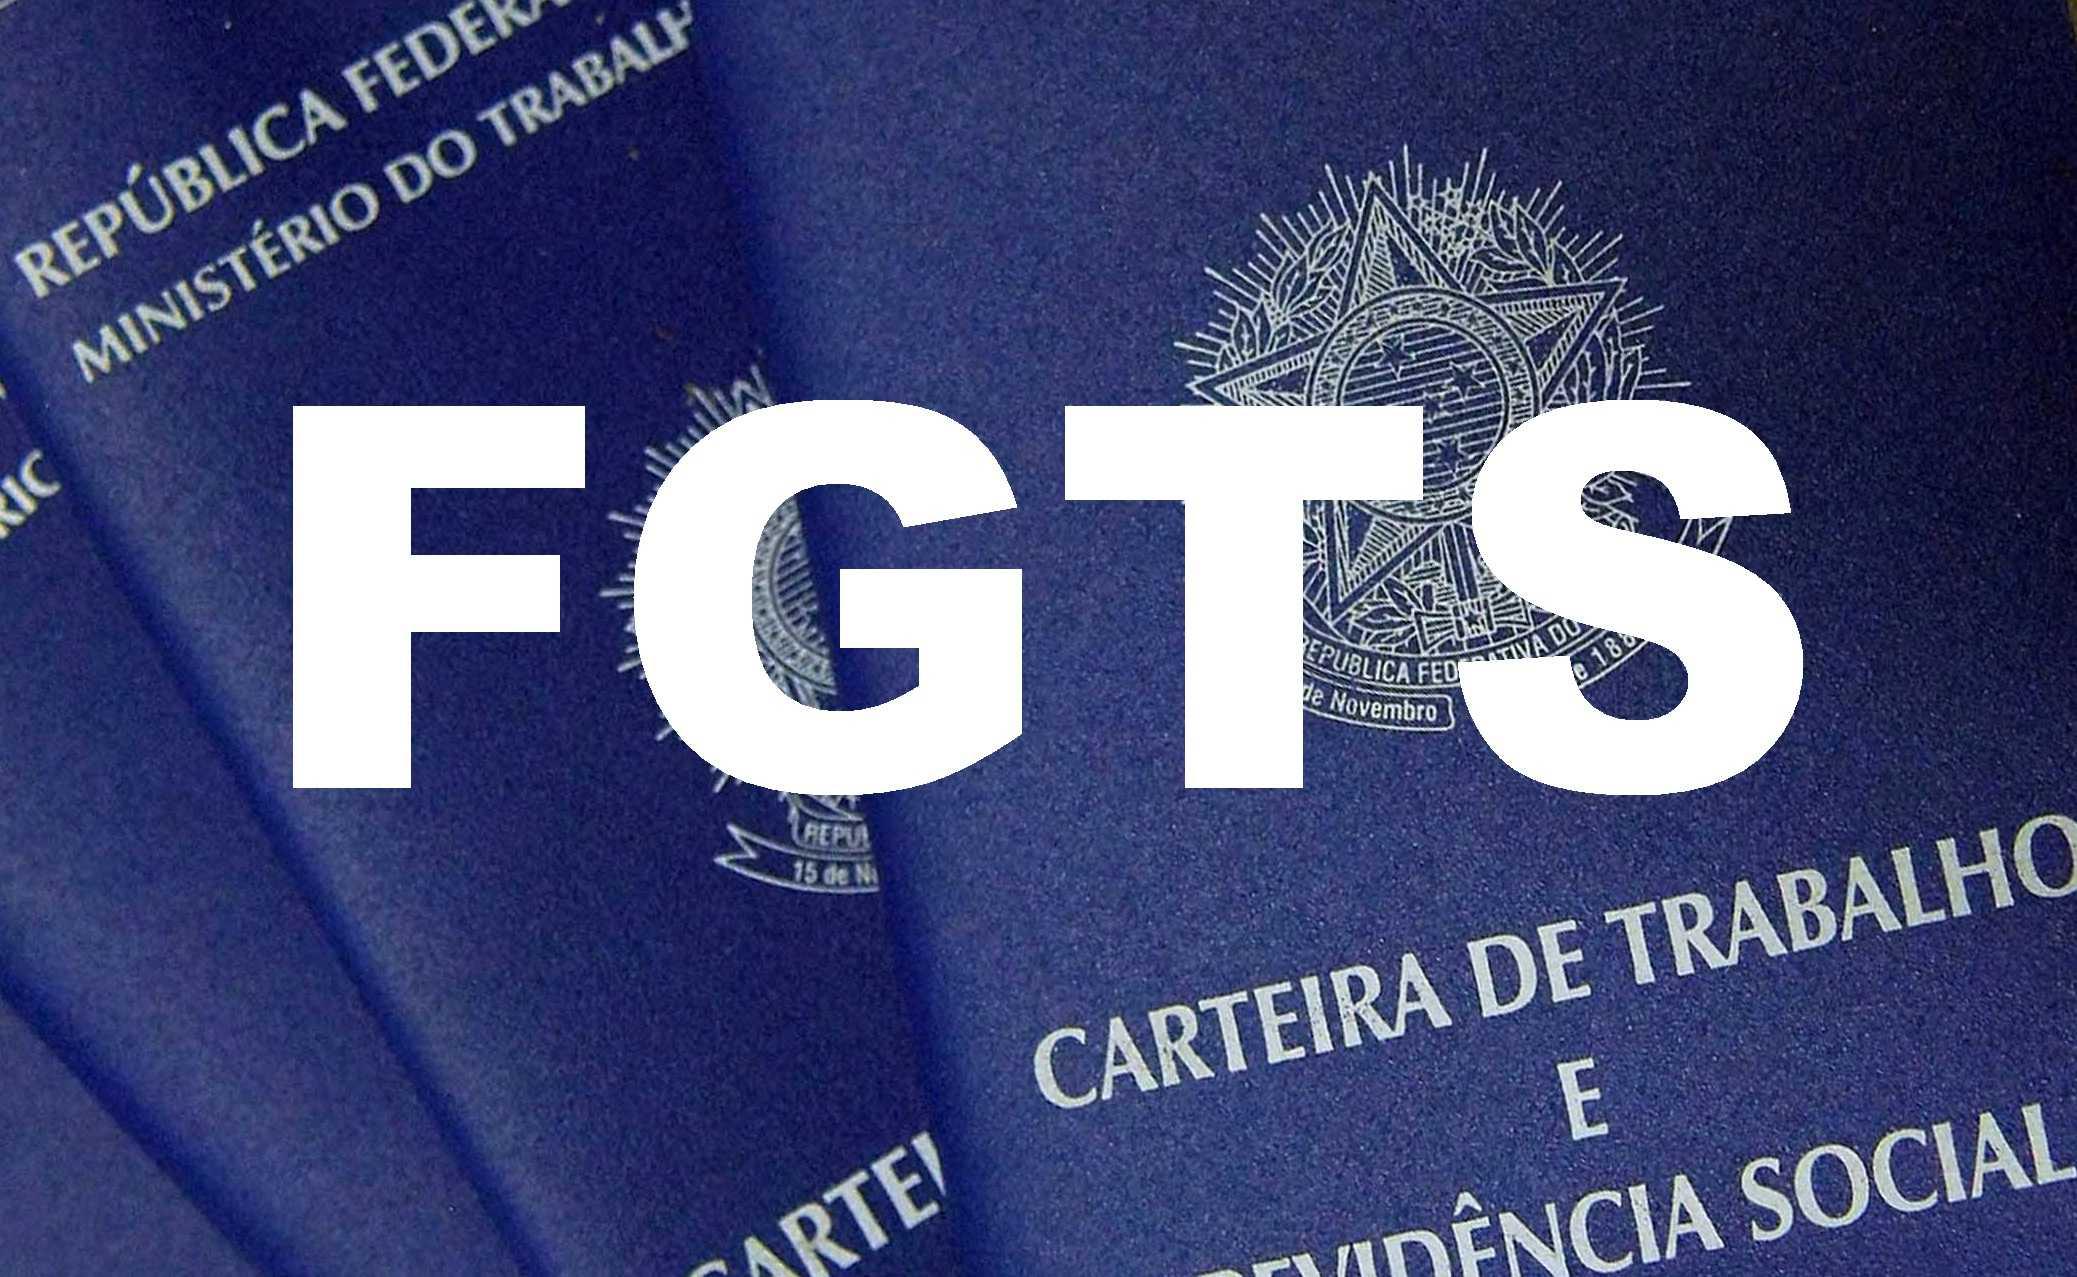 Saque do FGTS começa em 13 de setembro para poupadores da Caixa; veja calendário